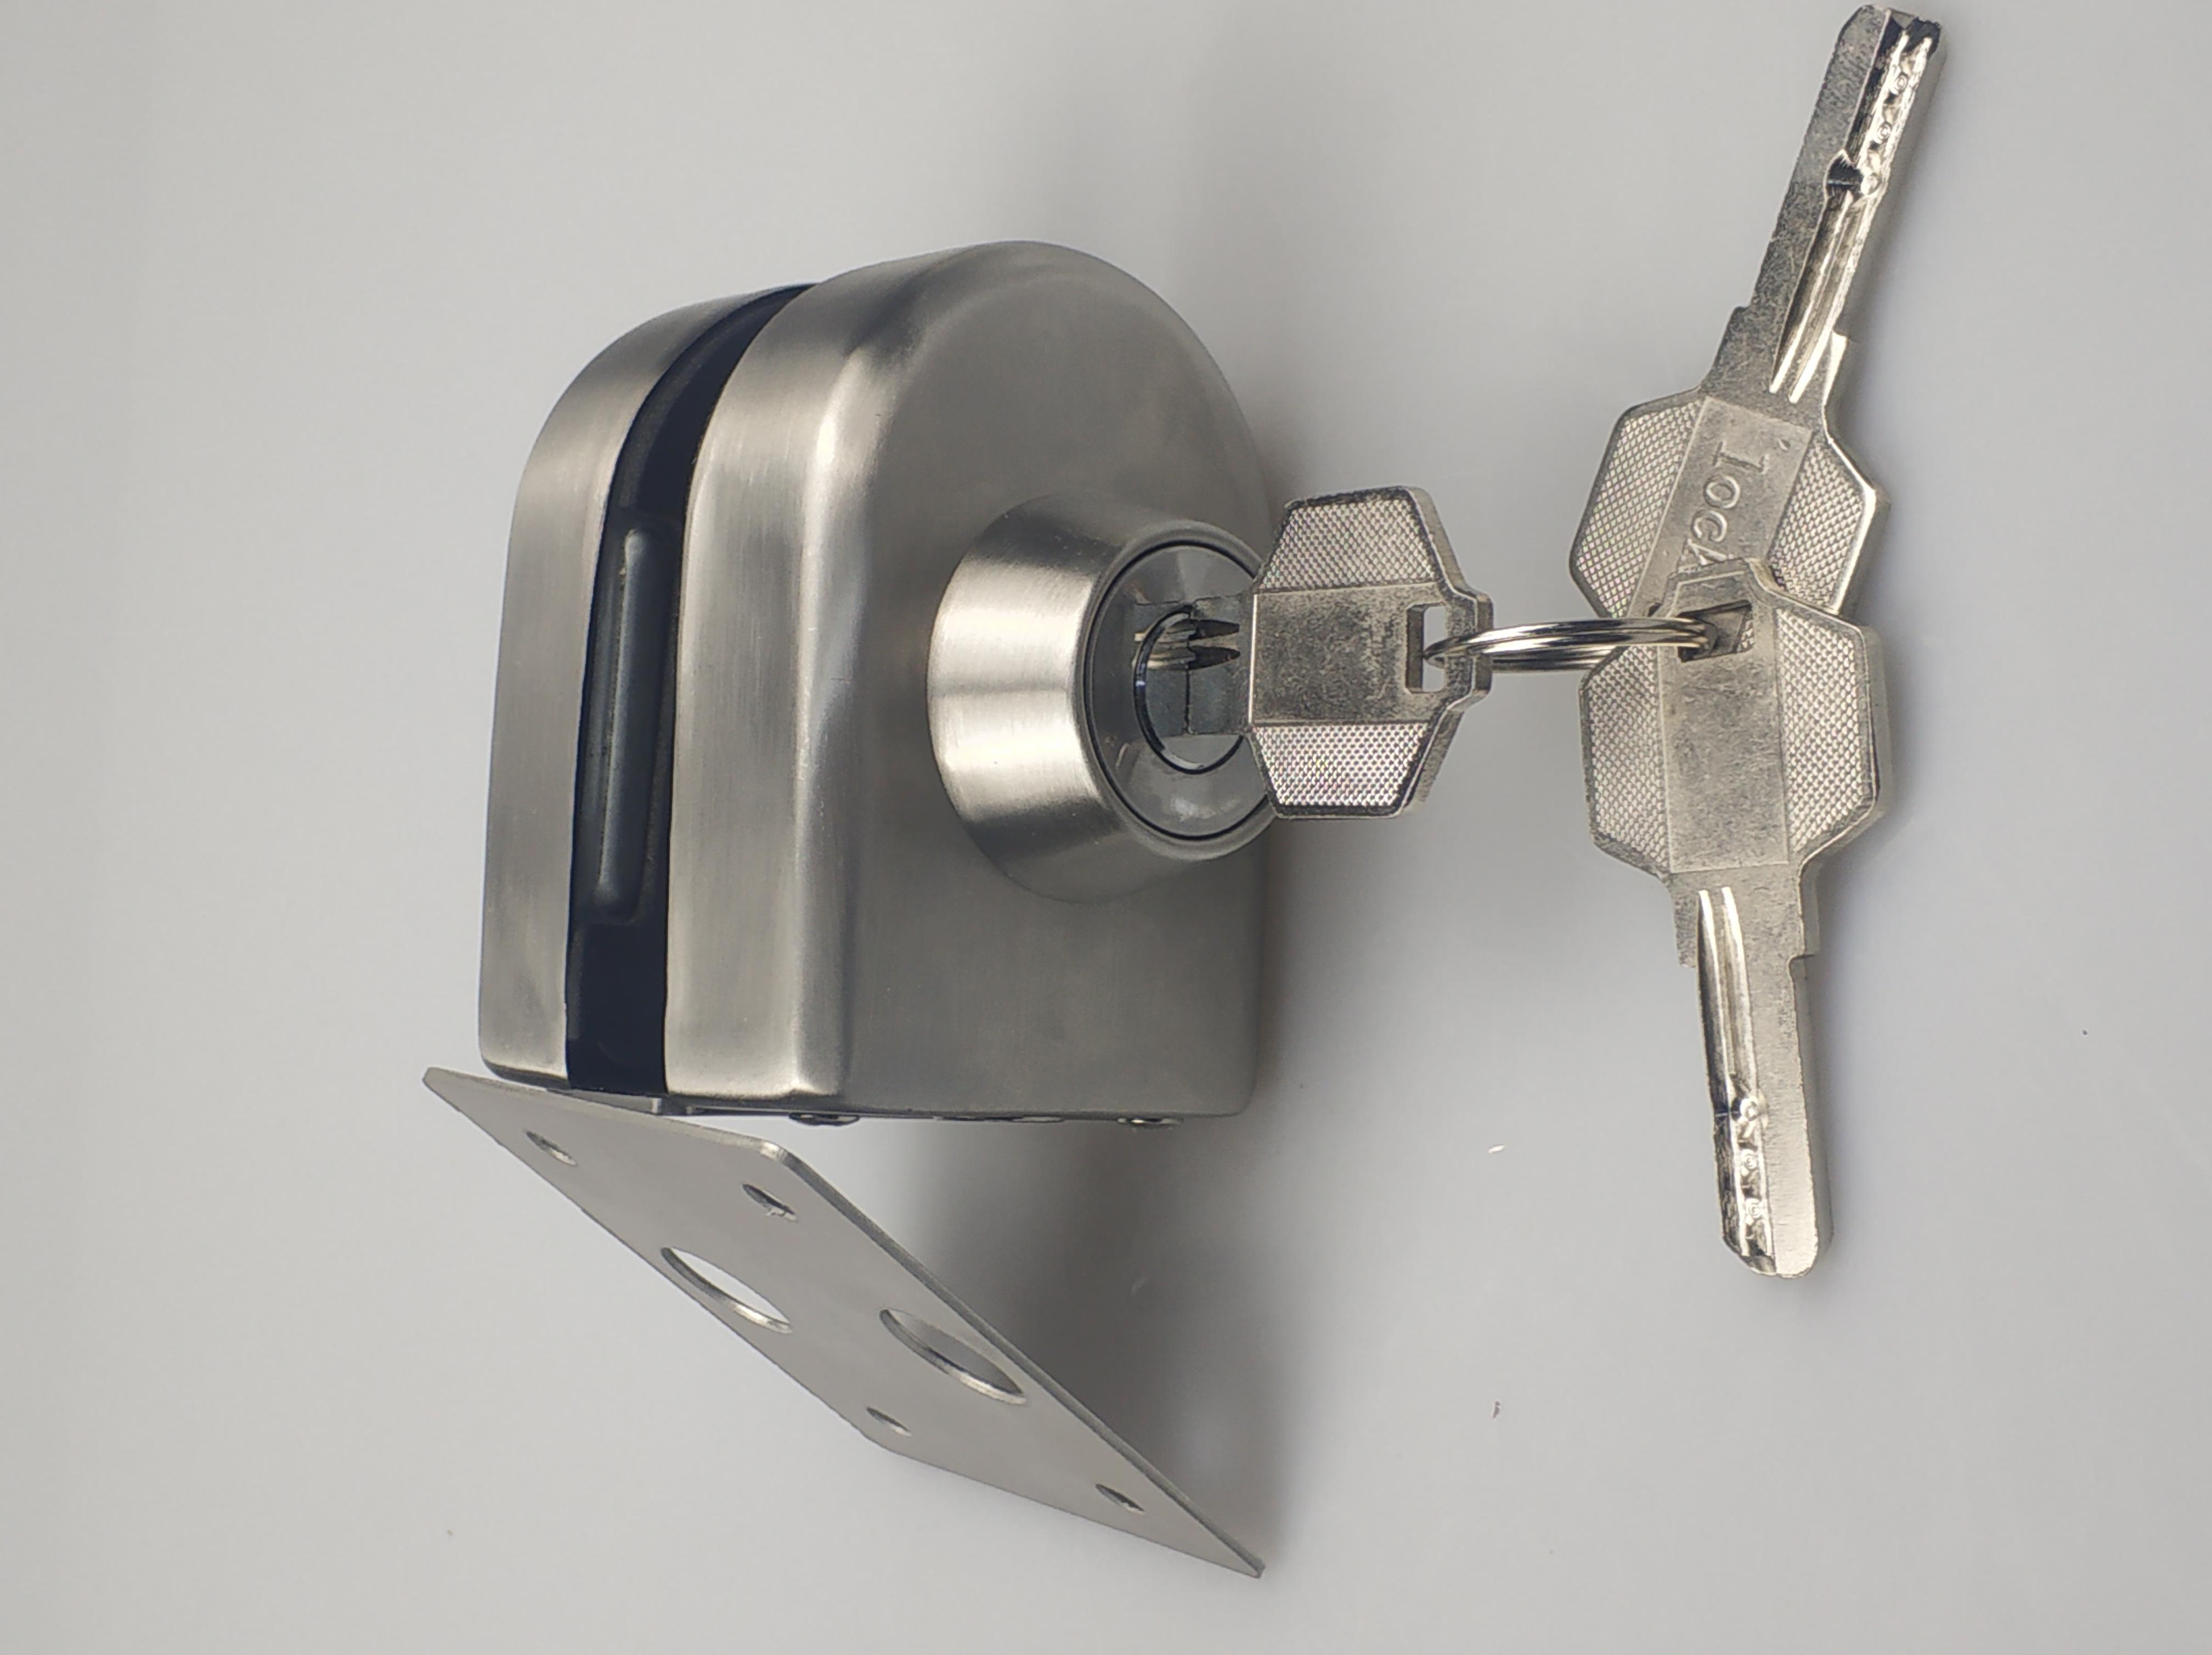 插销单开单拧 中央锁Z-702 玻璃门办公室门锁-厂家 供应商